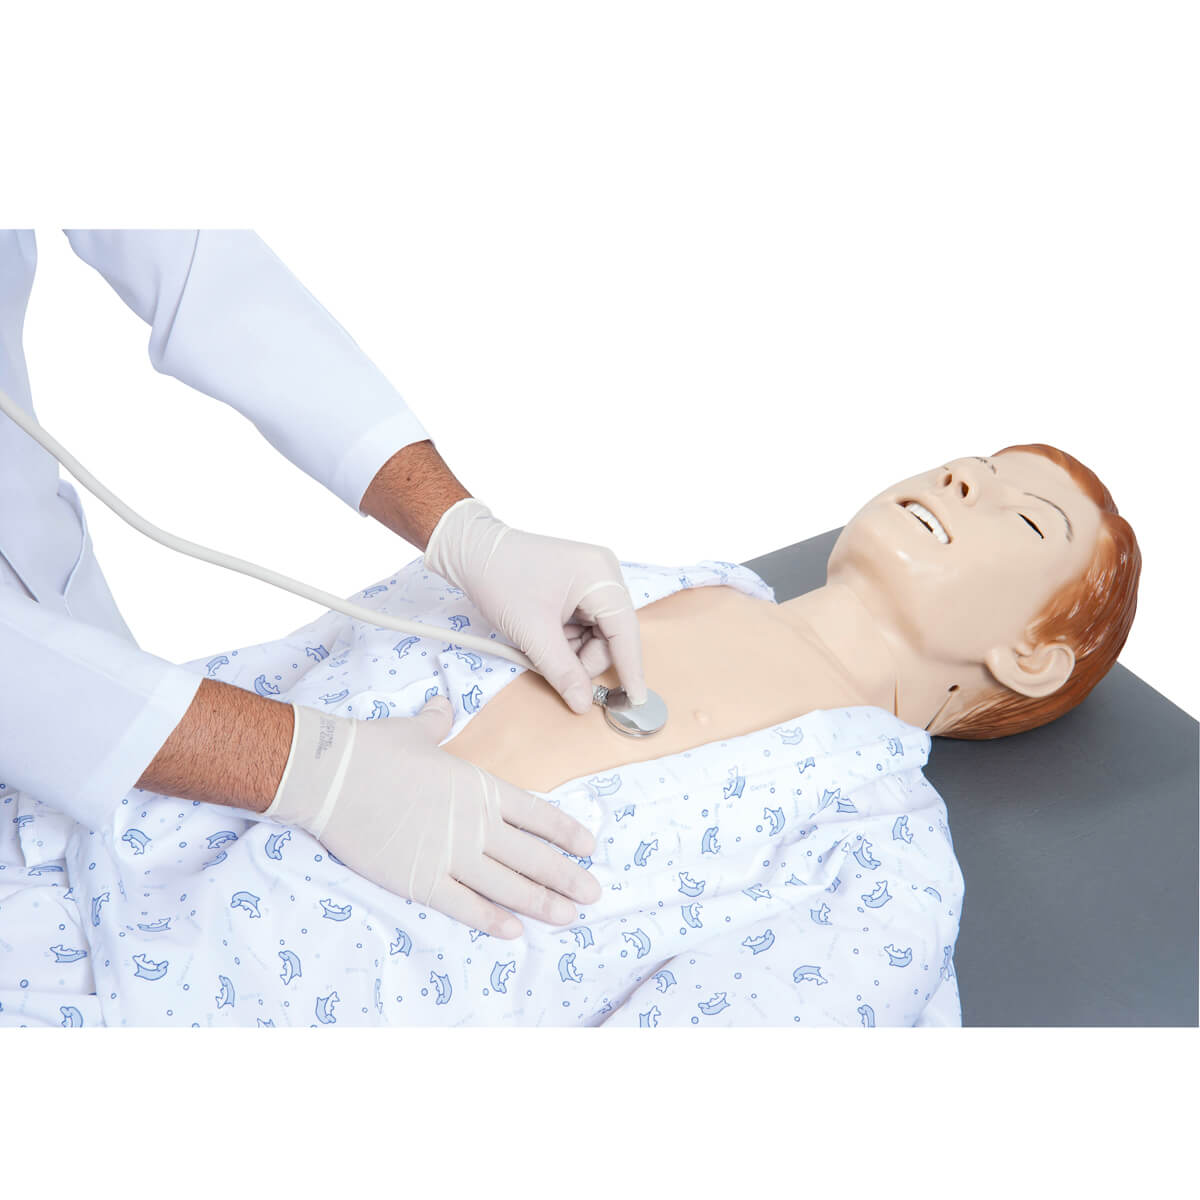 Manequim Bissexual Simulador para Treinamento de Habilidades de Enfermagem E Acls